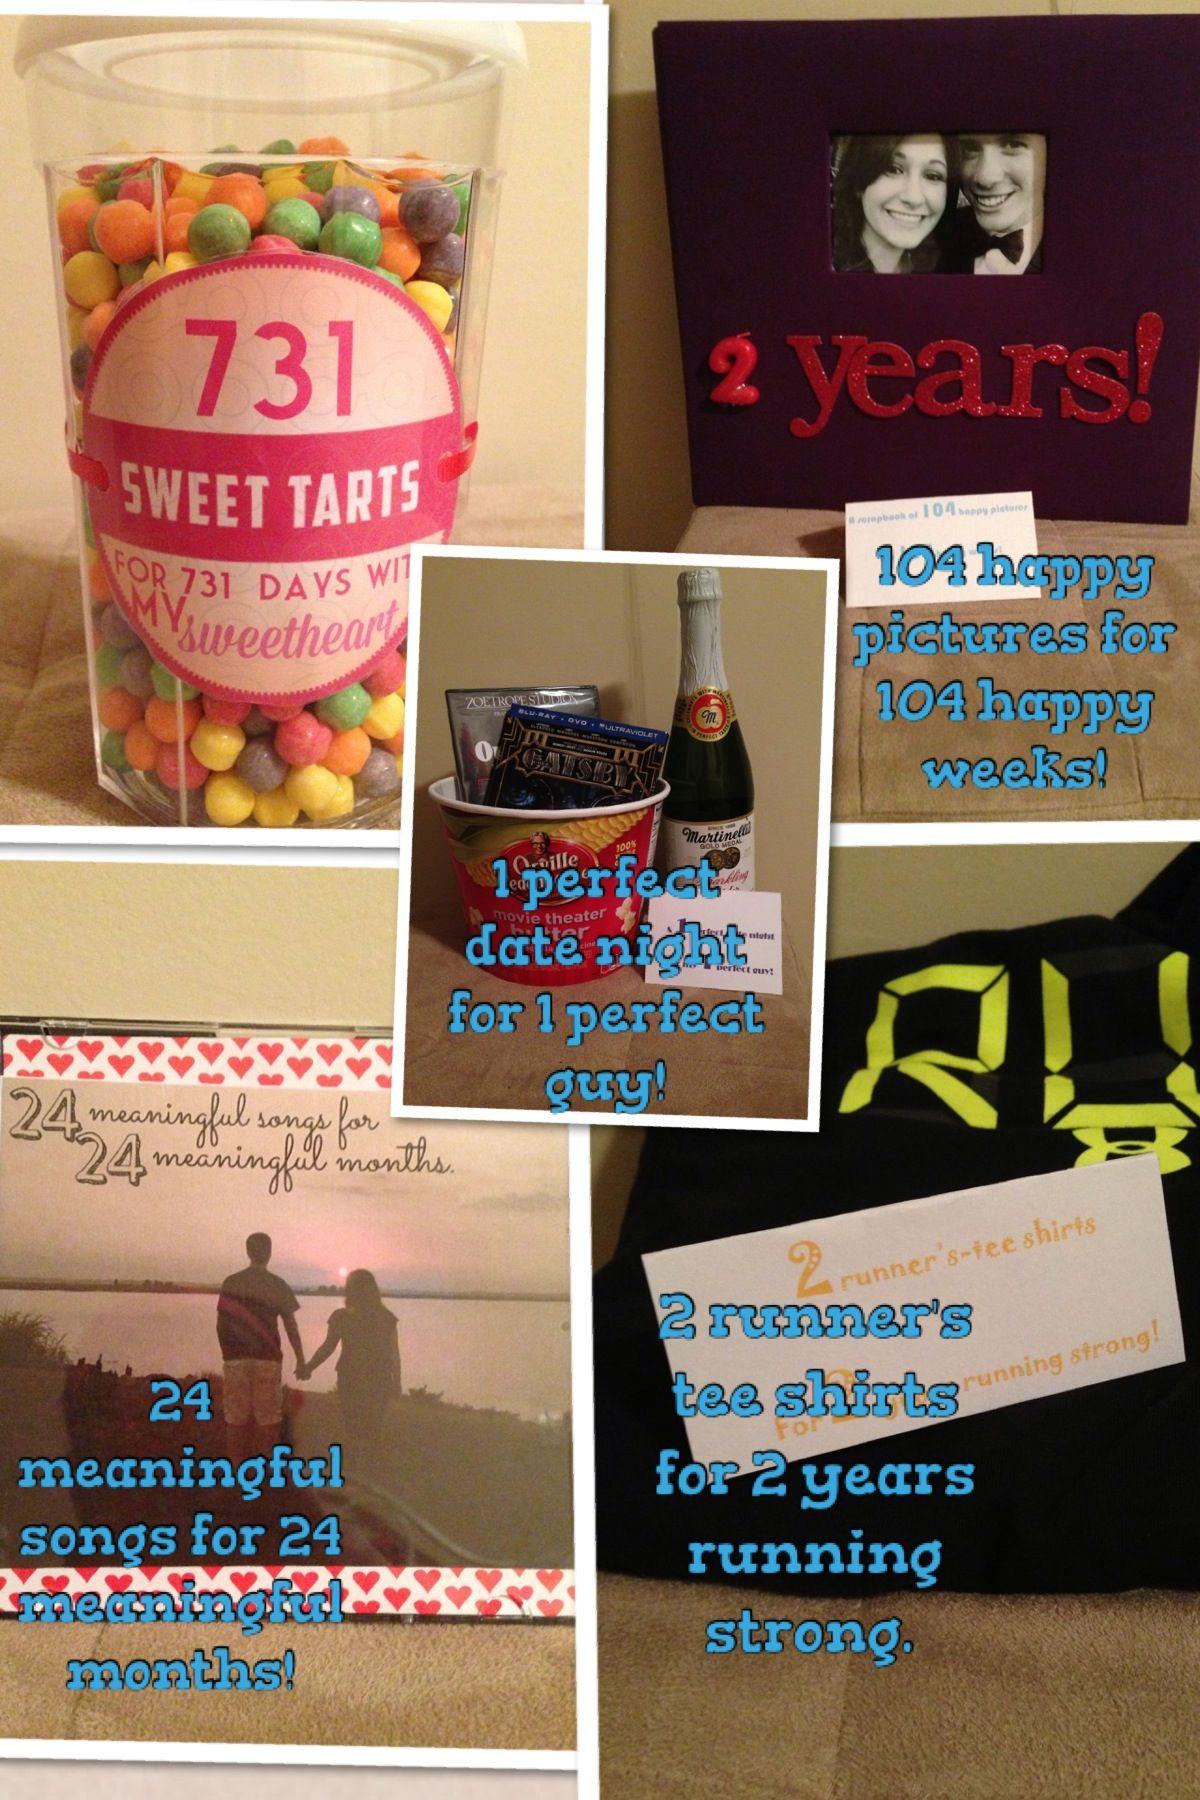 Best ideas about Boyfriend Anniversary Gift Ideas . Save or Pin 2 year anniversary for my boyfriend Now.